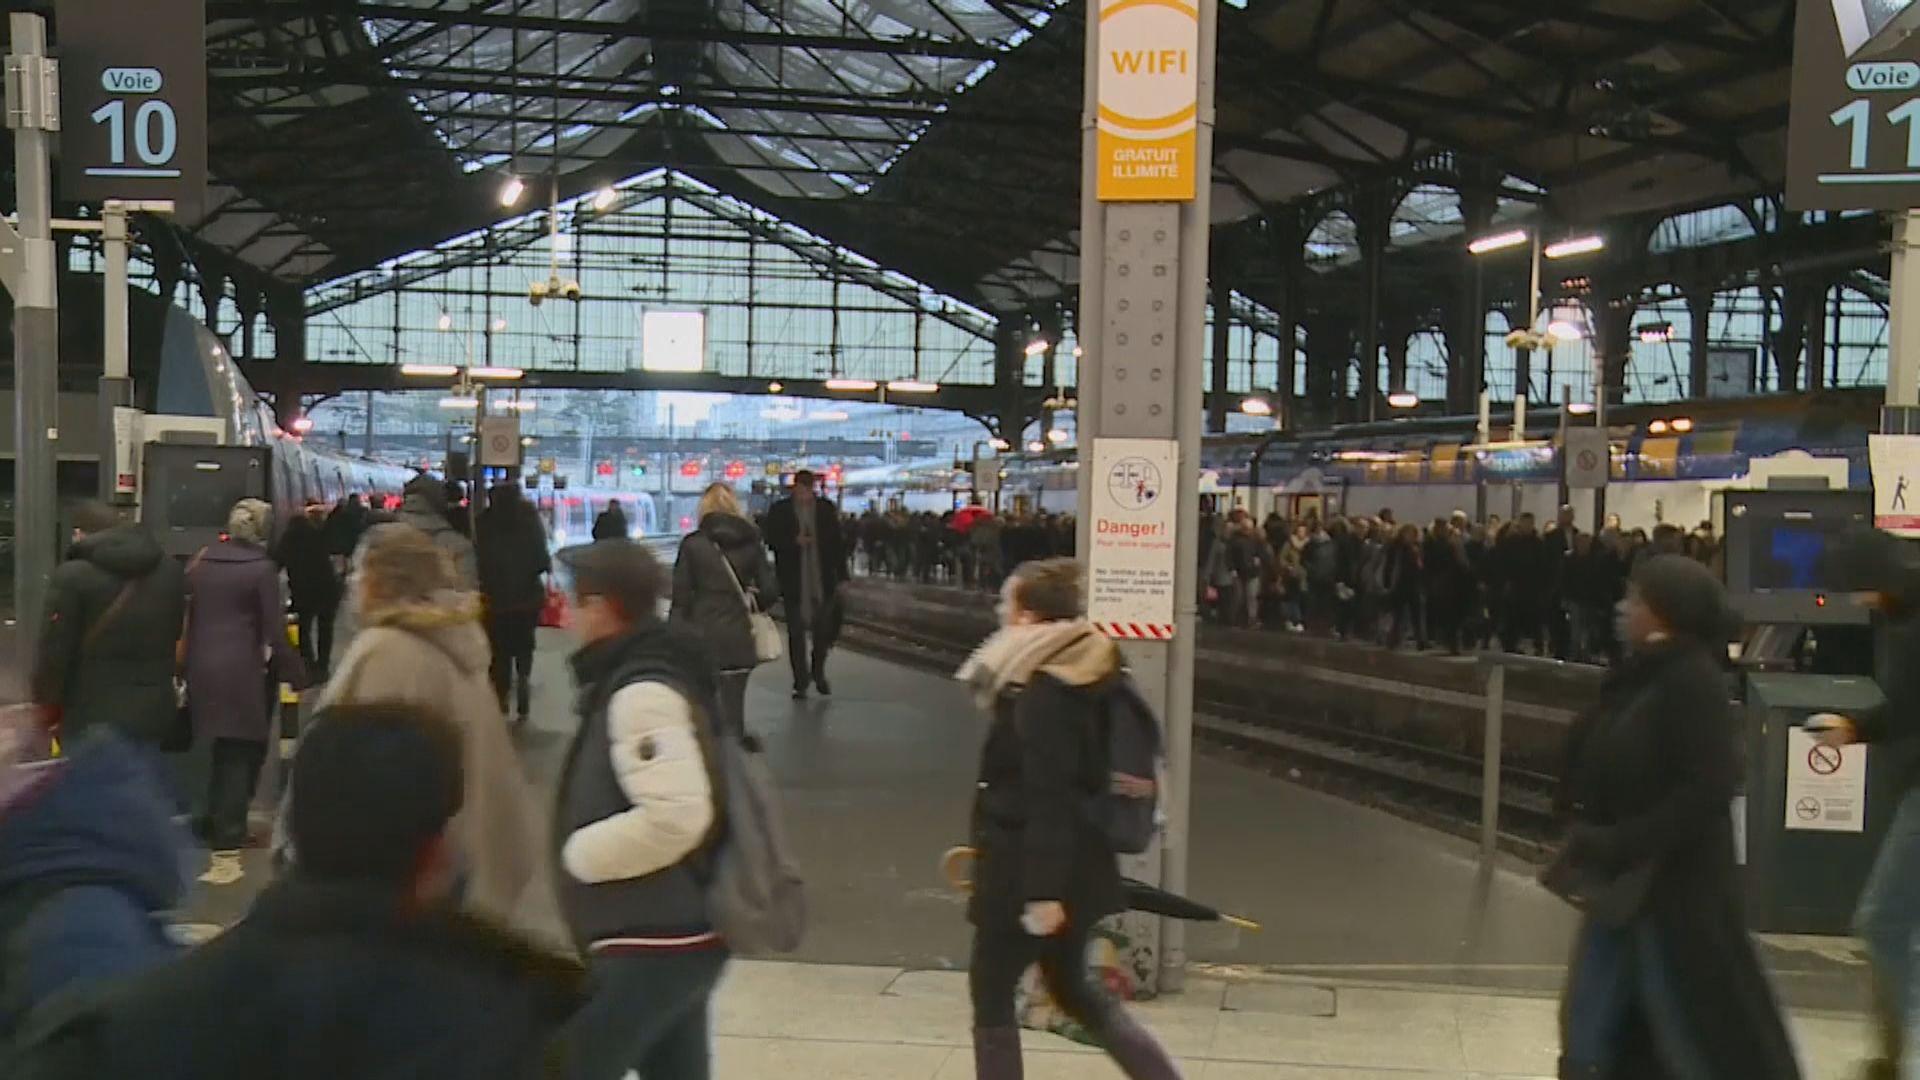 法國全國大罷工持續 巴黎大部分鐵路停駛